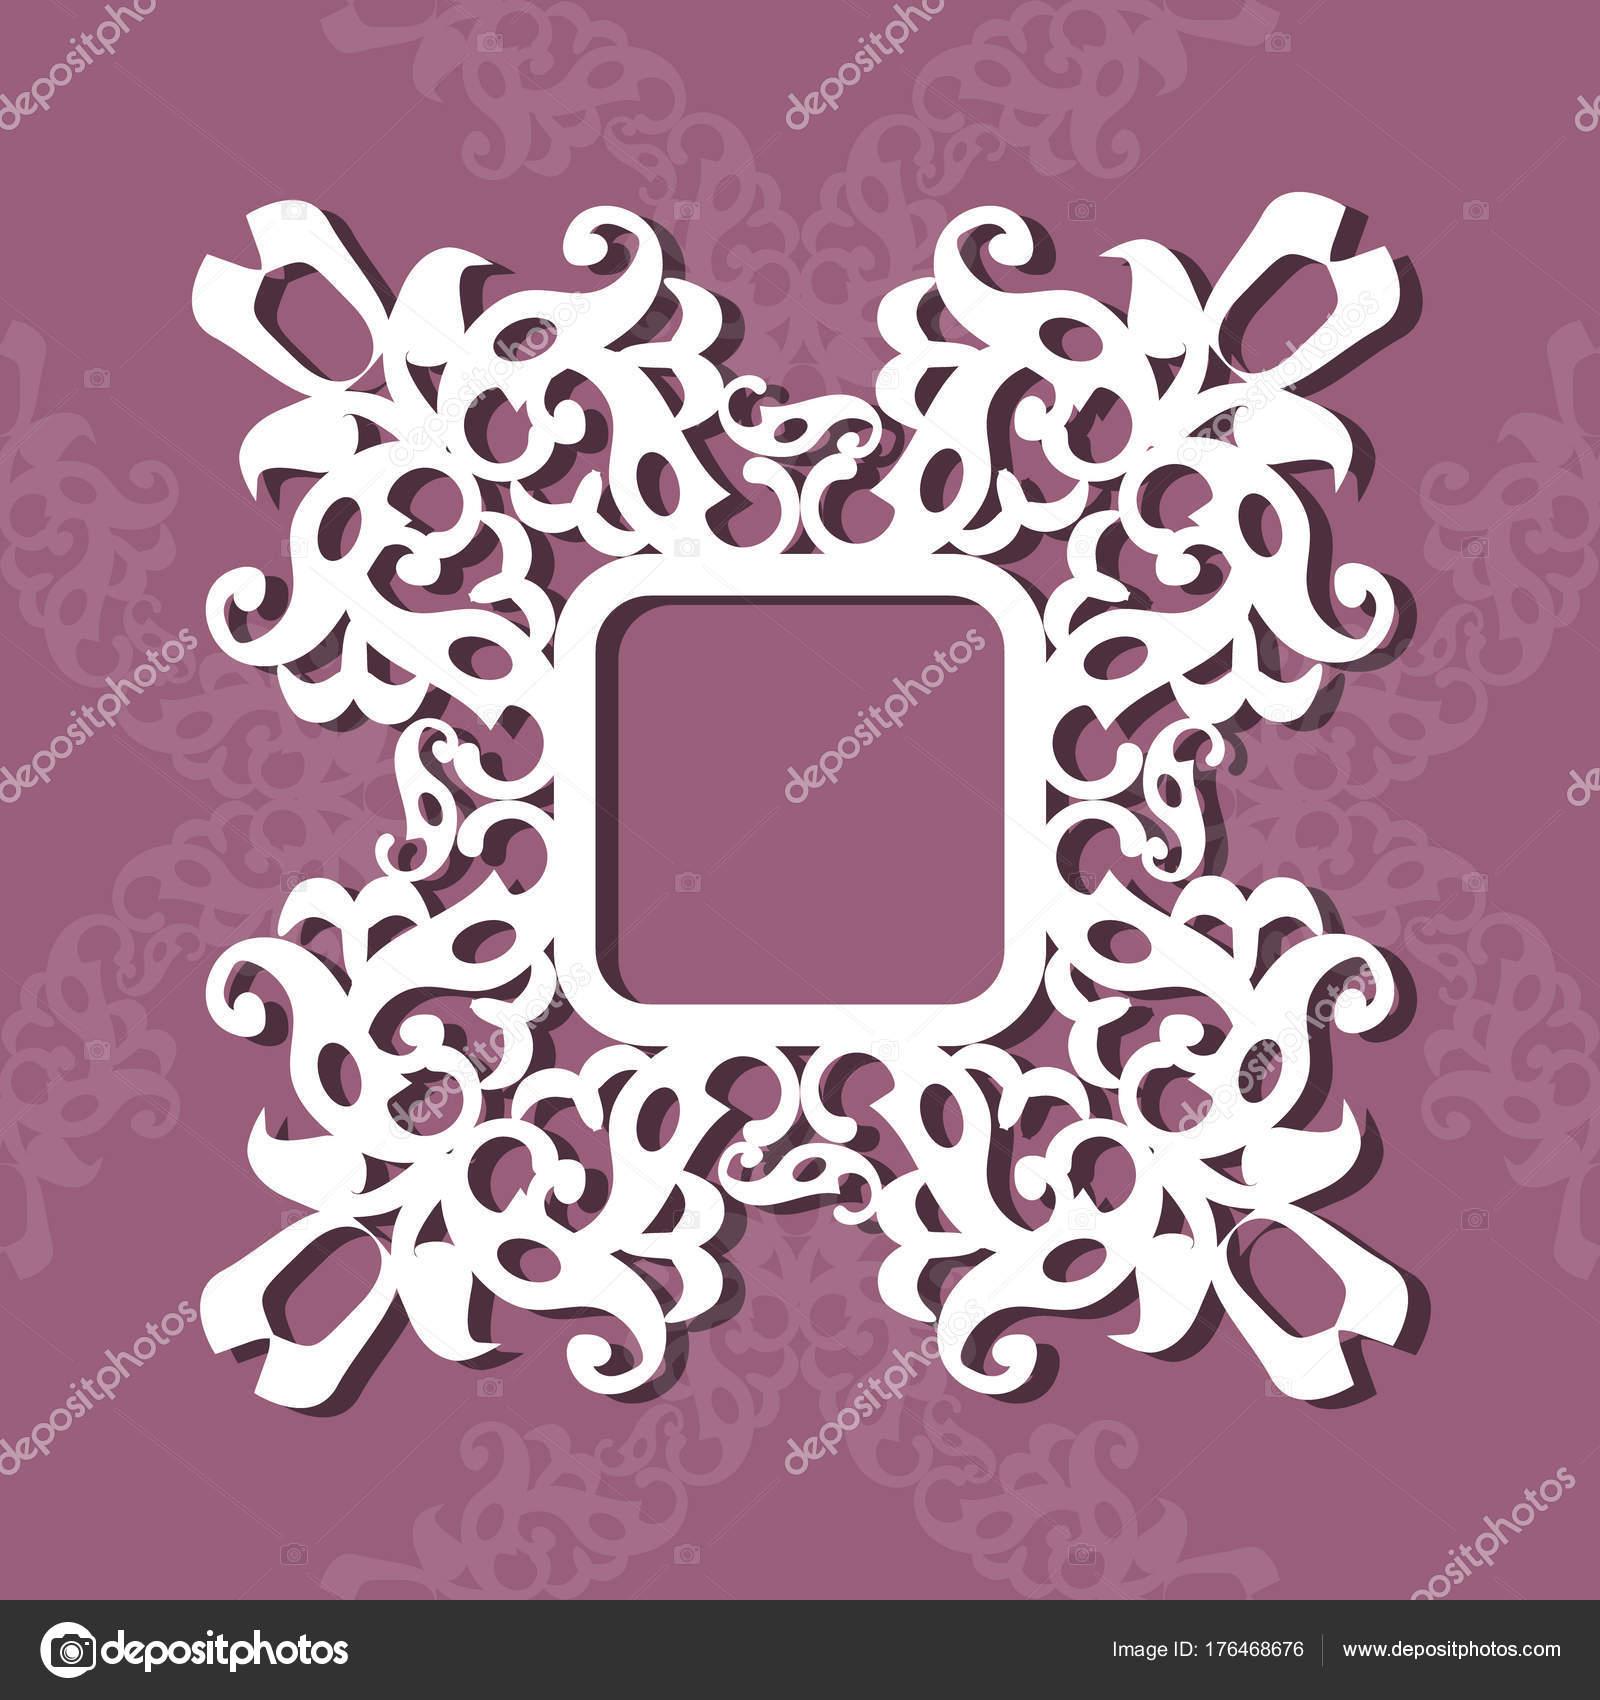 quadratischer Rahmen für Fotos oder Bilder, Urlaub-Vorlage, Geschenk ...